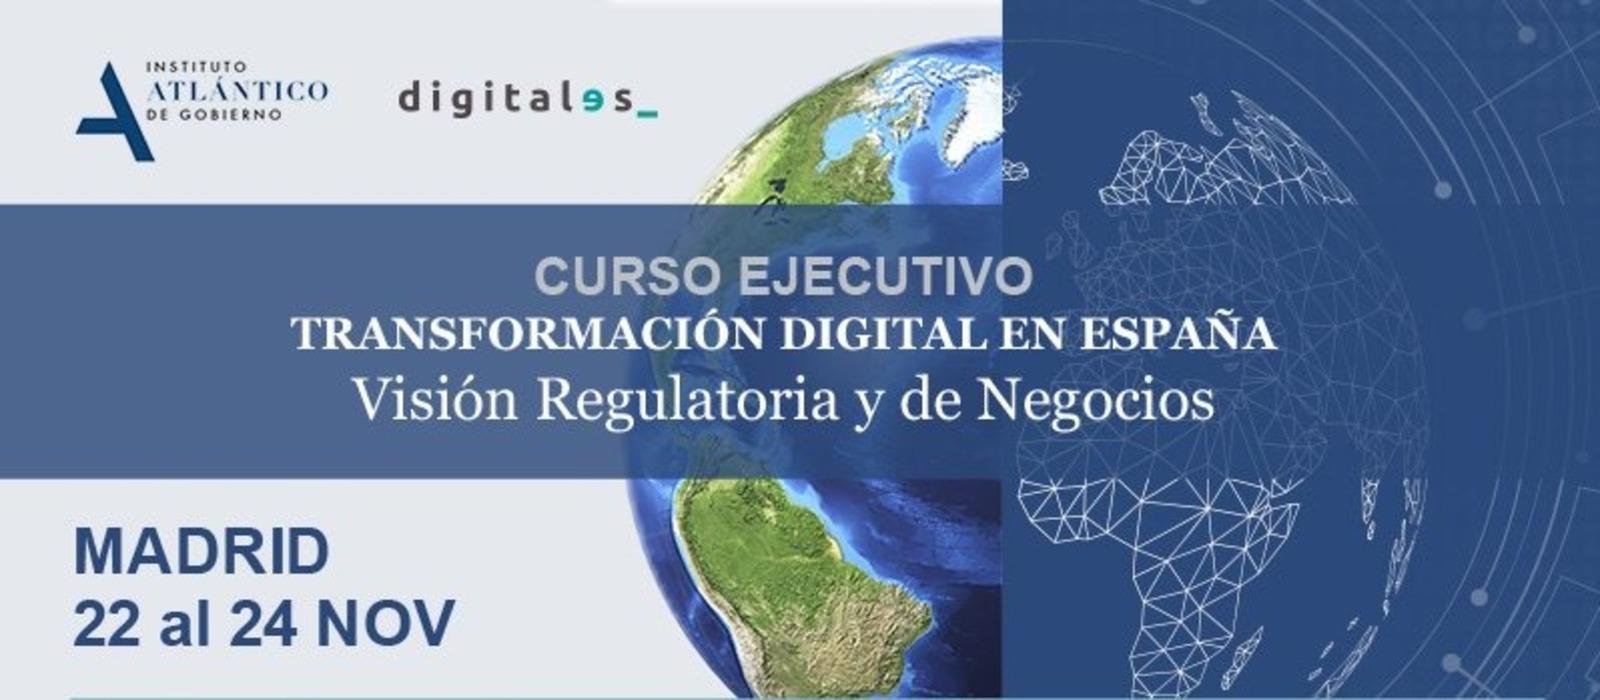 DigitalES diseña el primer curso de digitalización dirigido a personal de la Administración Pública